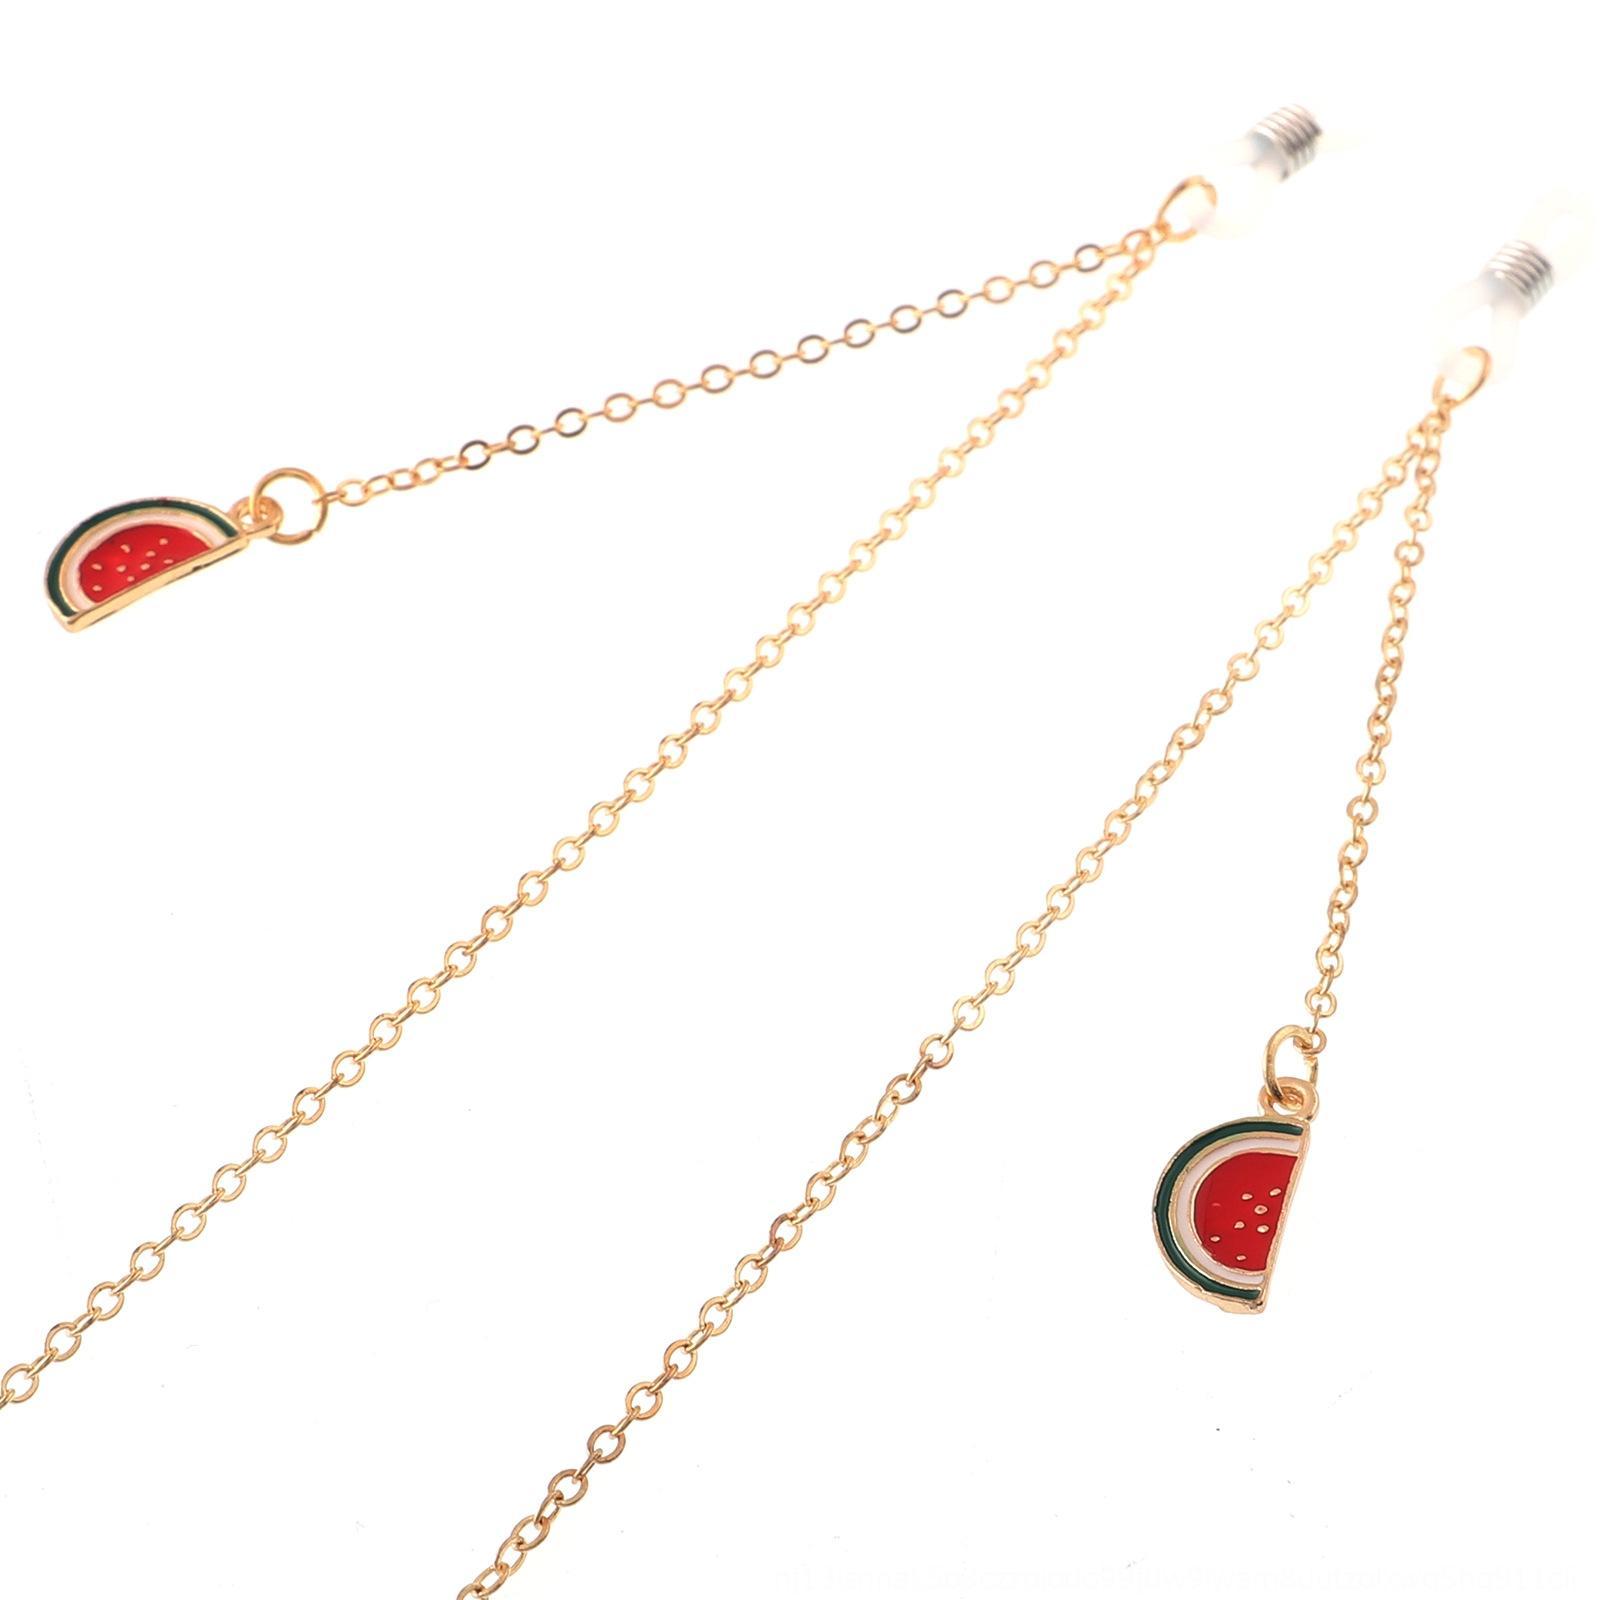 Anti-dérapant corde en métal doré Pendentif populaire soleil lunettes pendentif pastèque fruit Lunettes de soleil Chaine